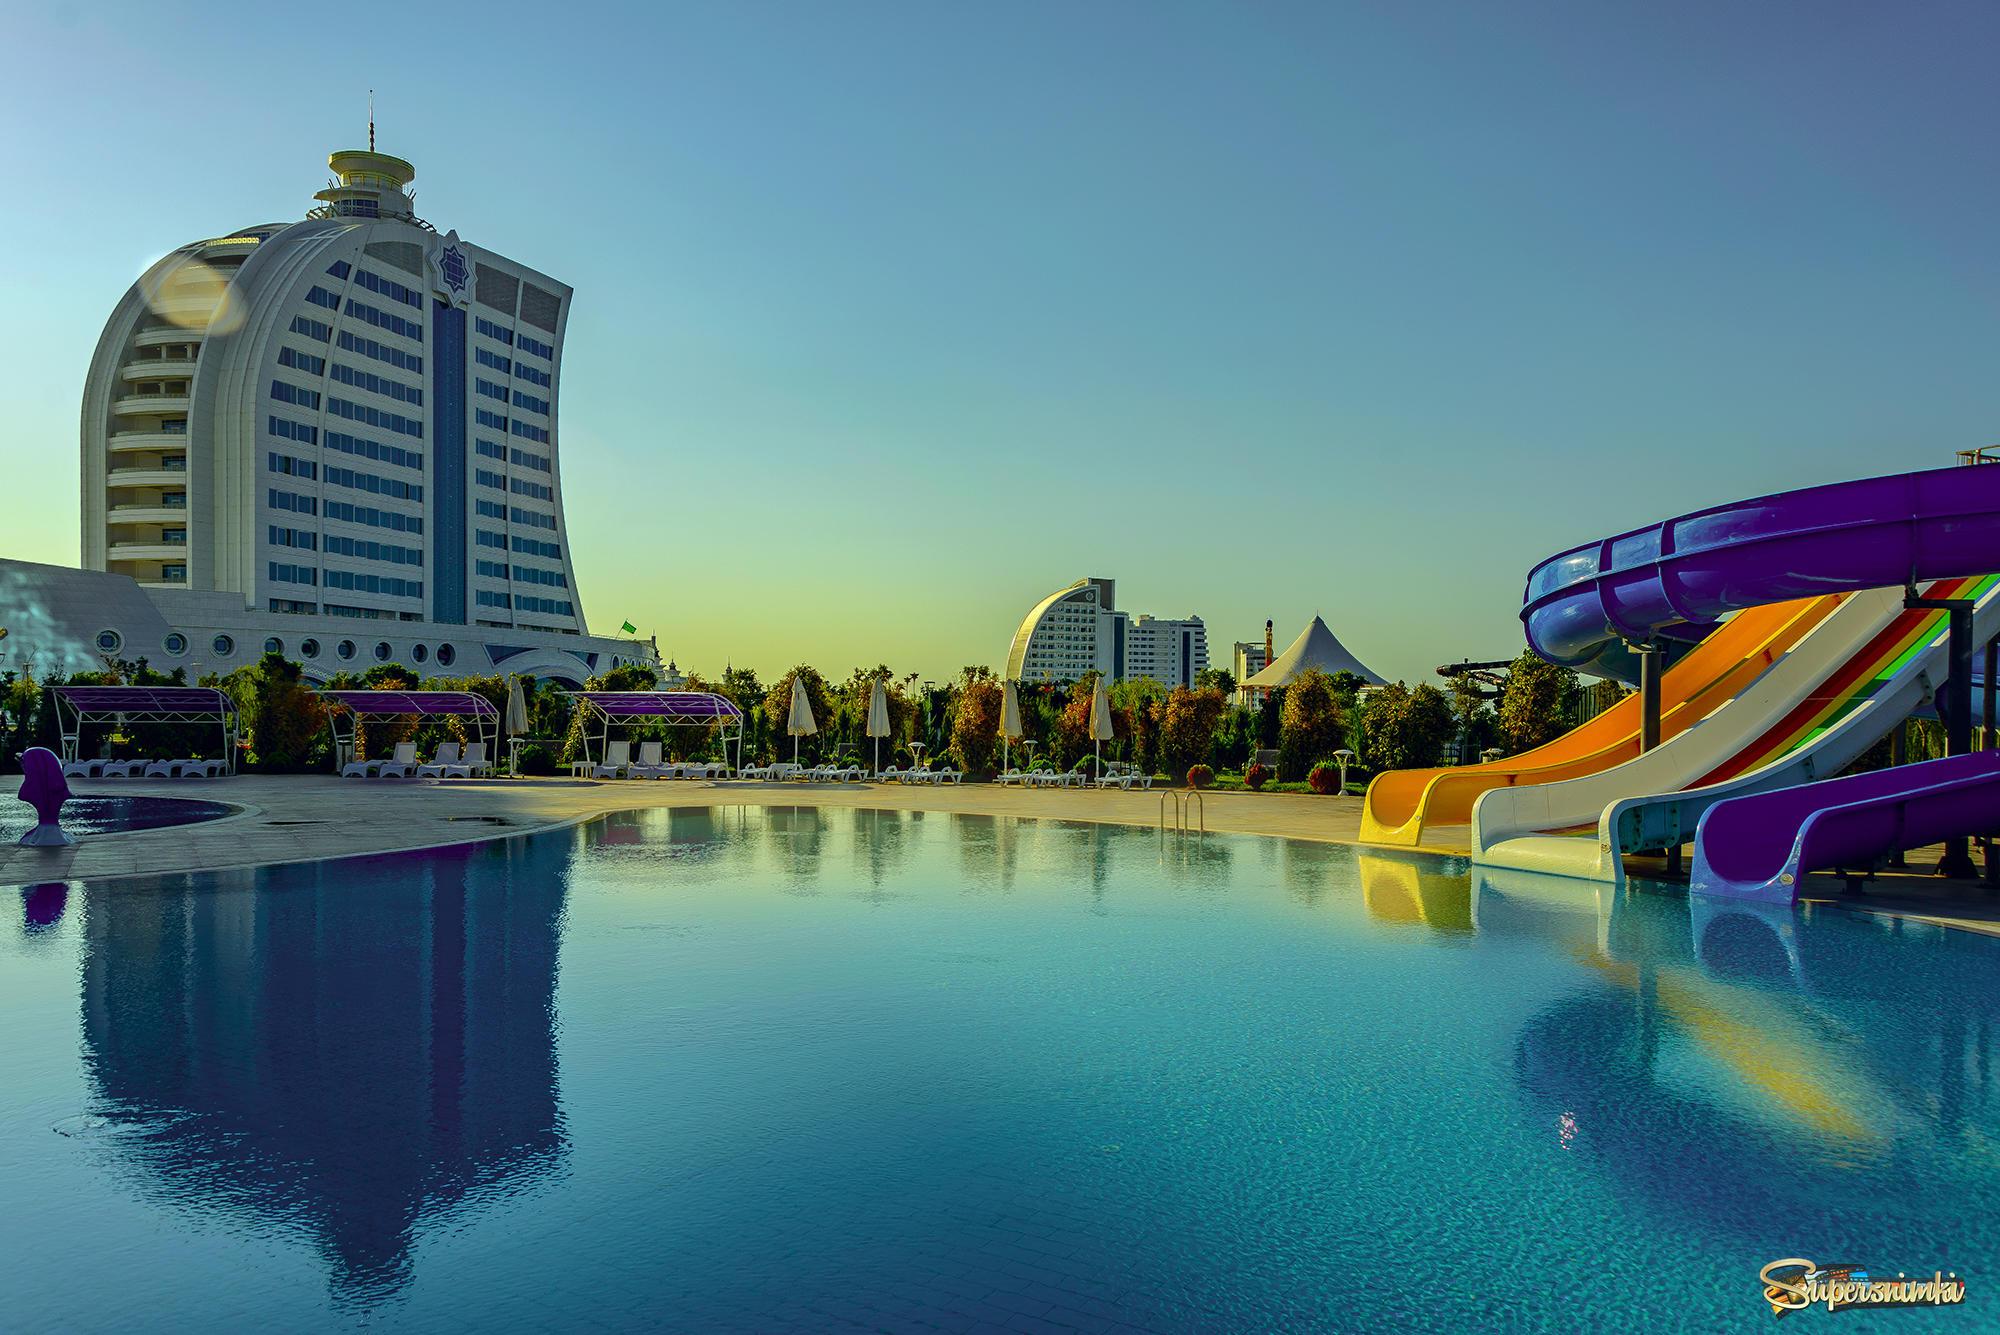 финк туркменбаши отель фото бедной семье, начал